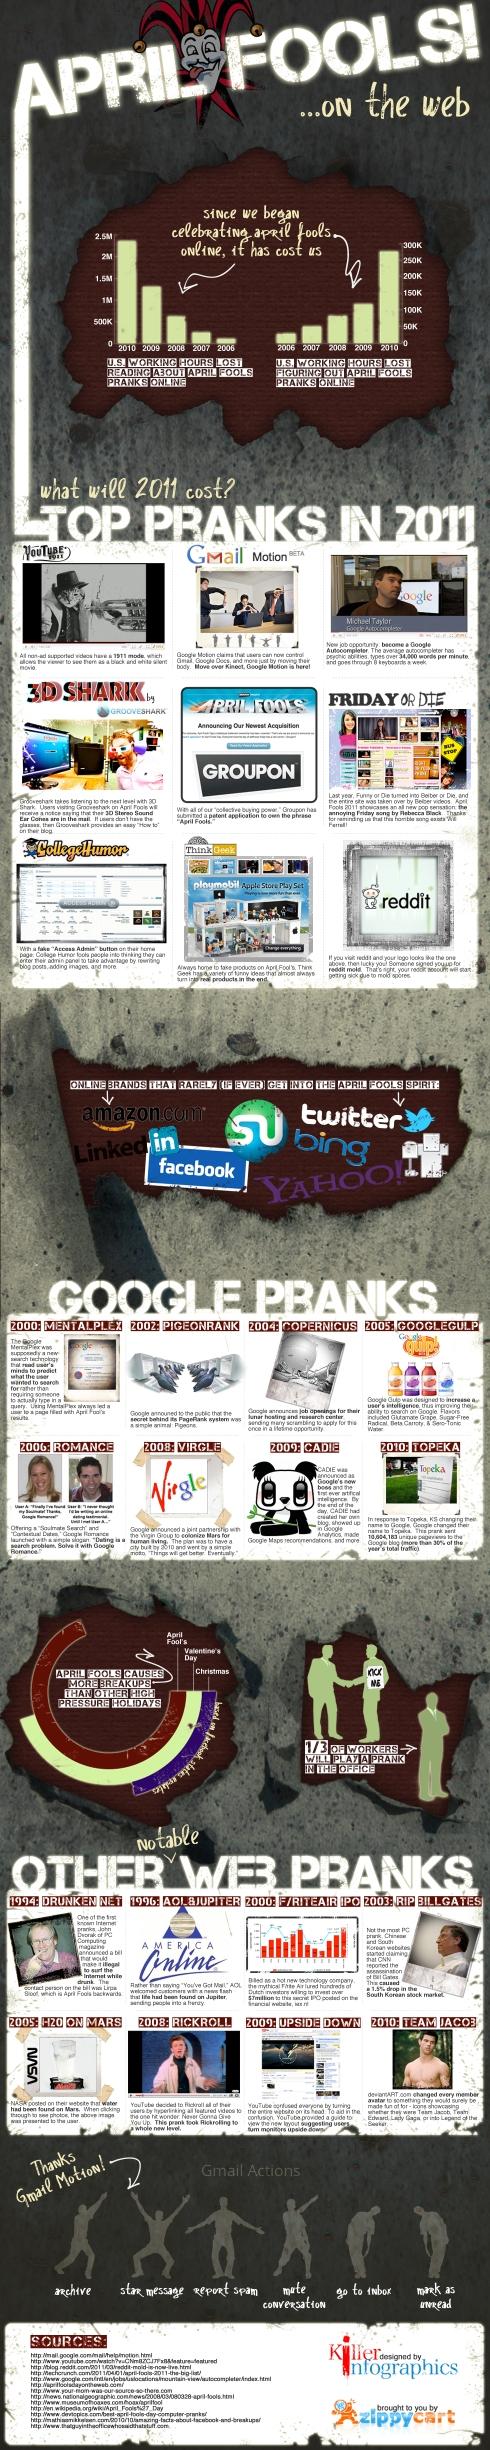 infografía april fools 2011